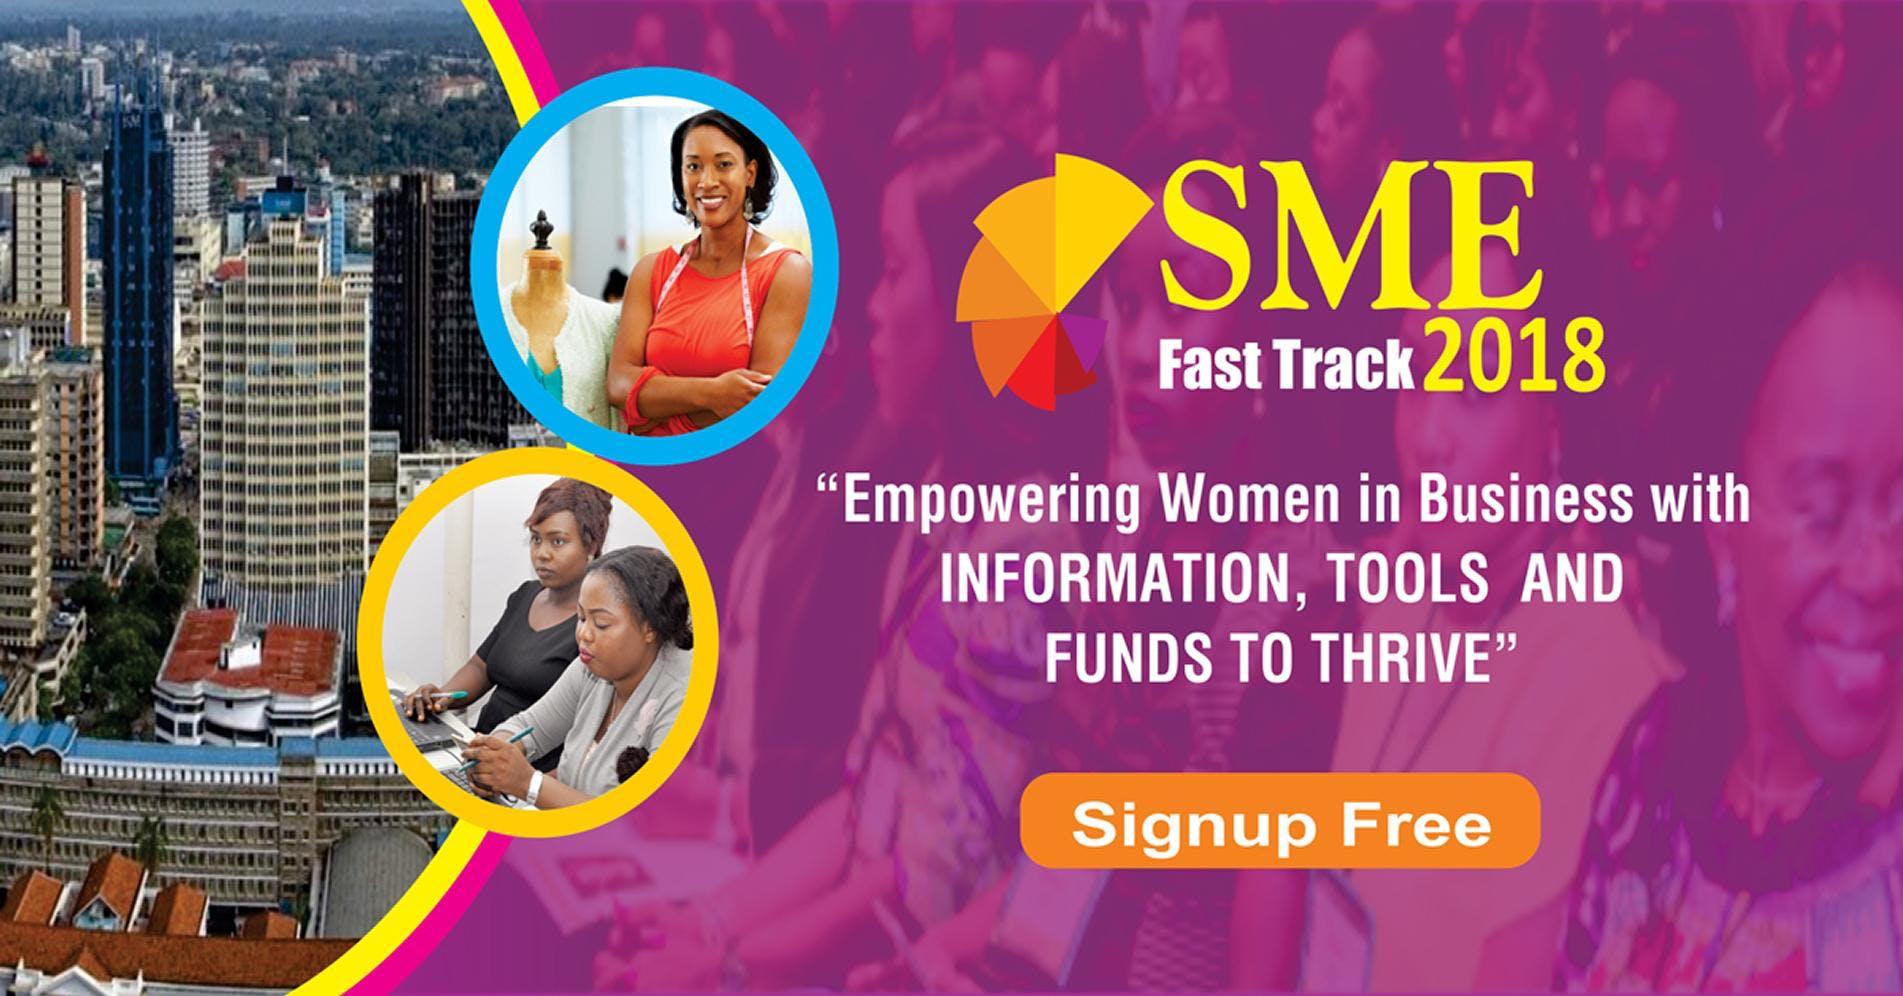 SME-FAST-TRACK-2018.jpg